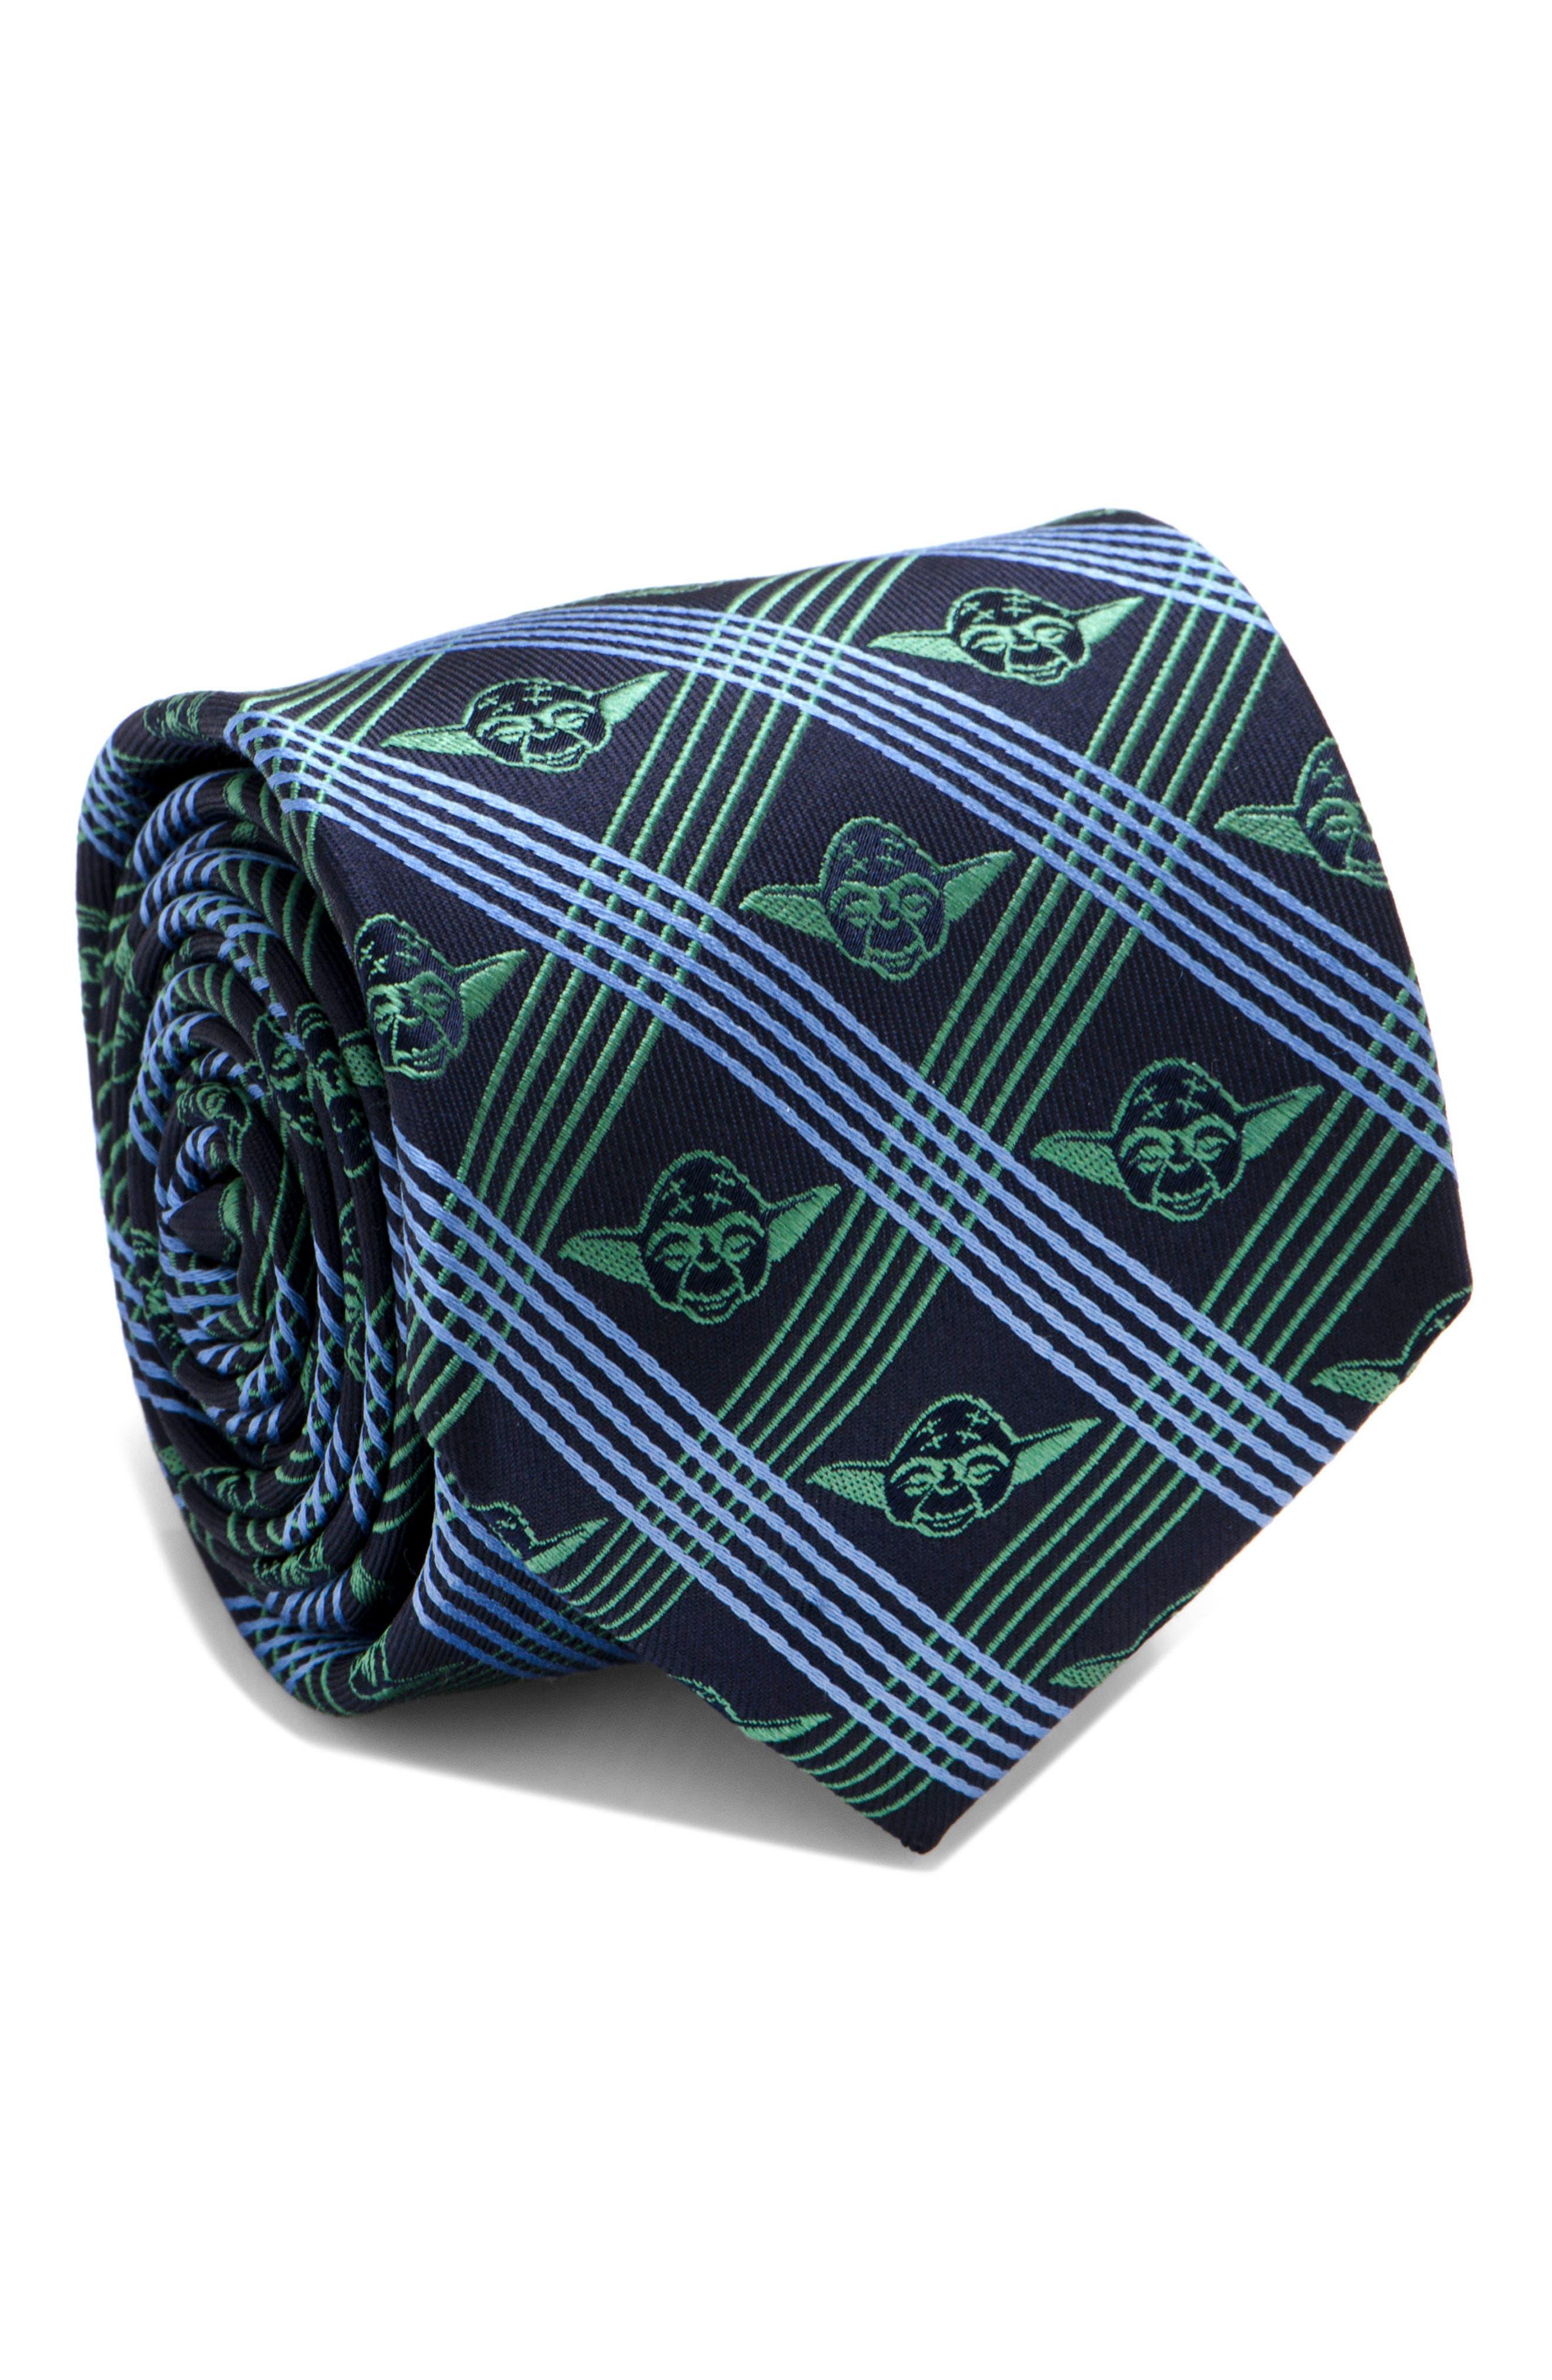 Cufflinks, Inc. Yoda Grid Silk Tie